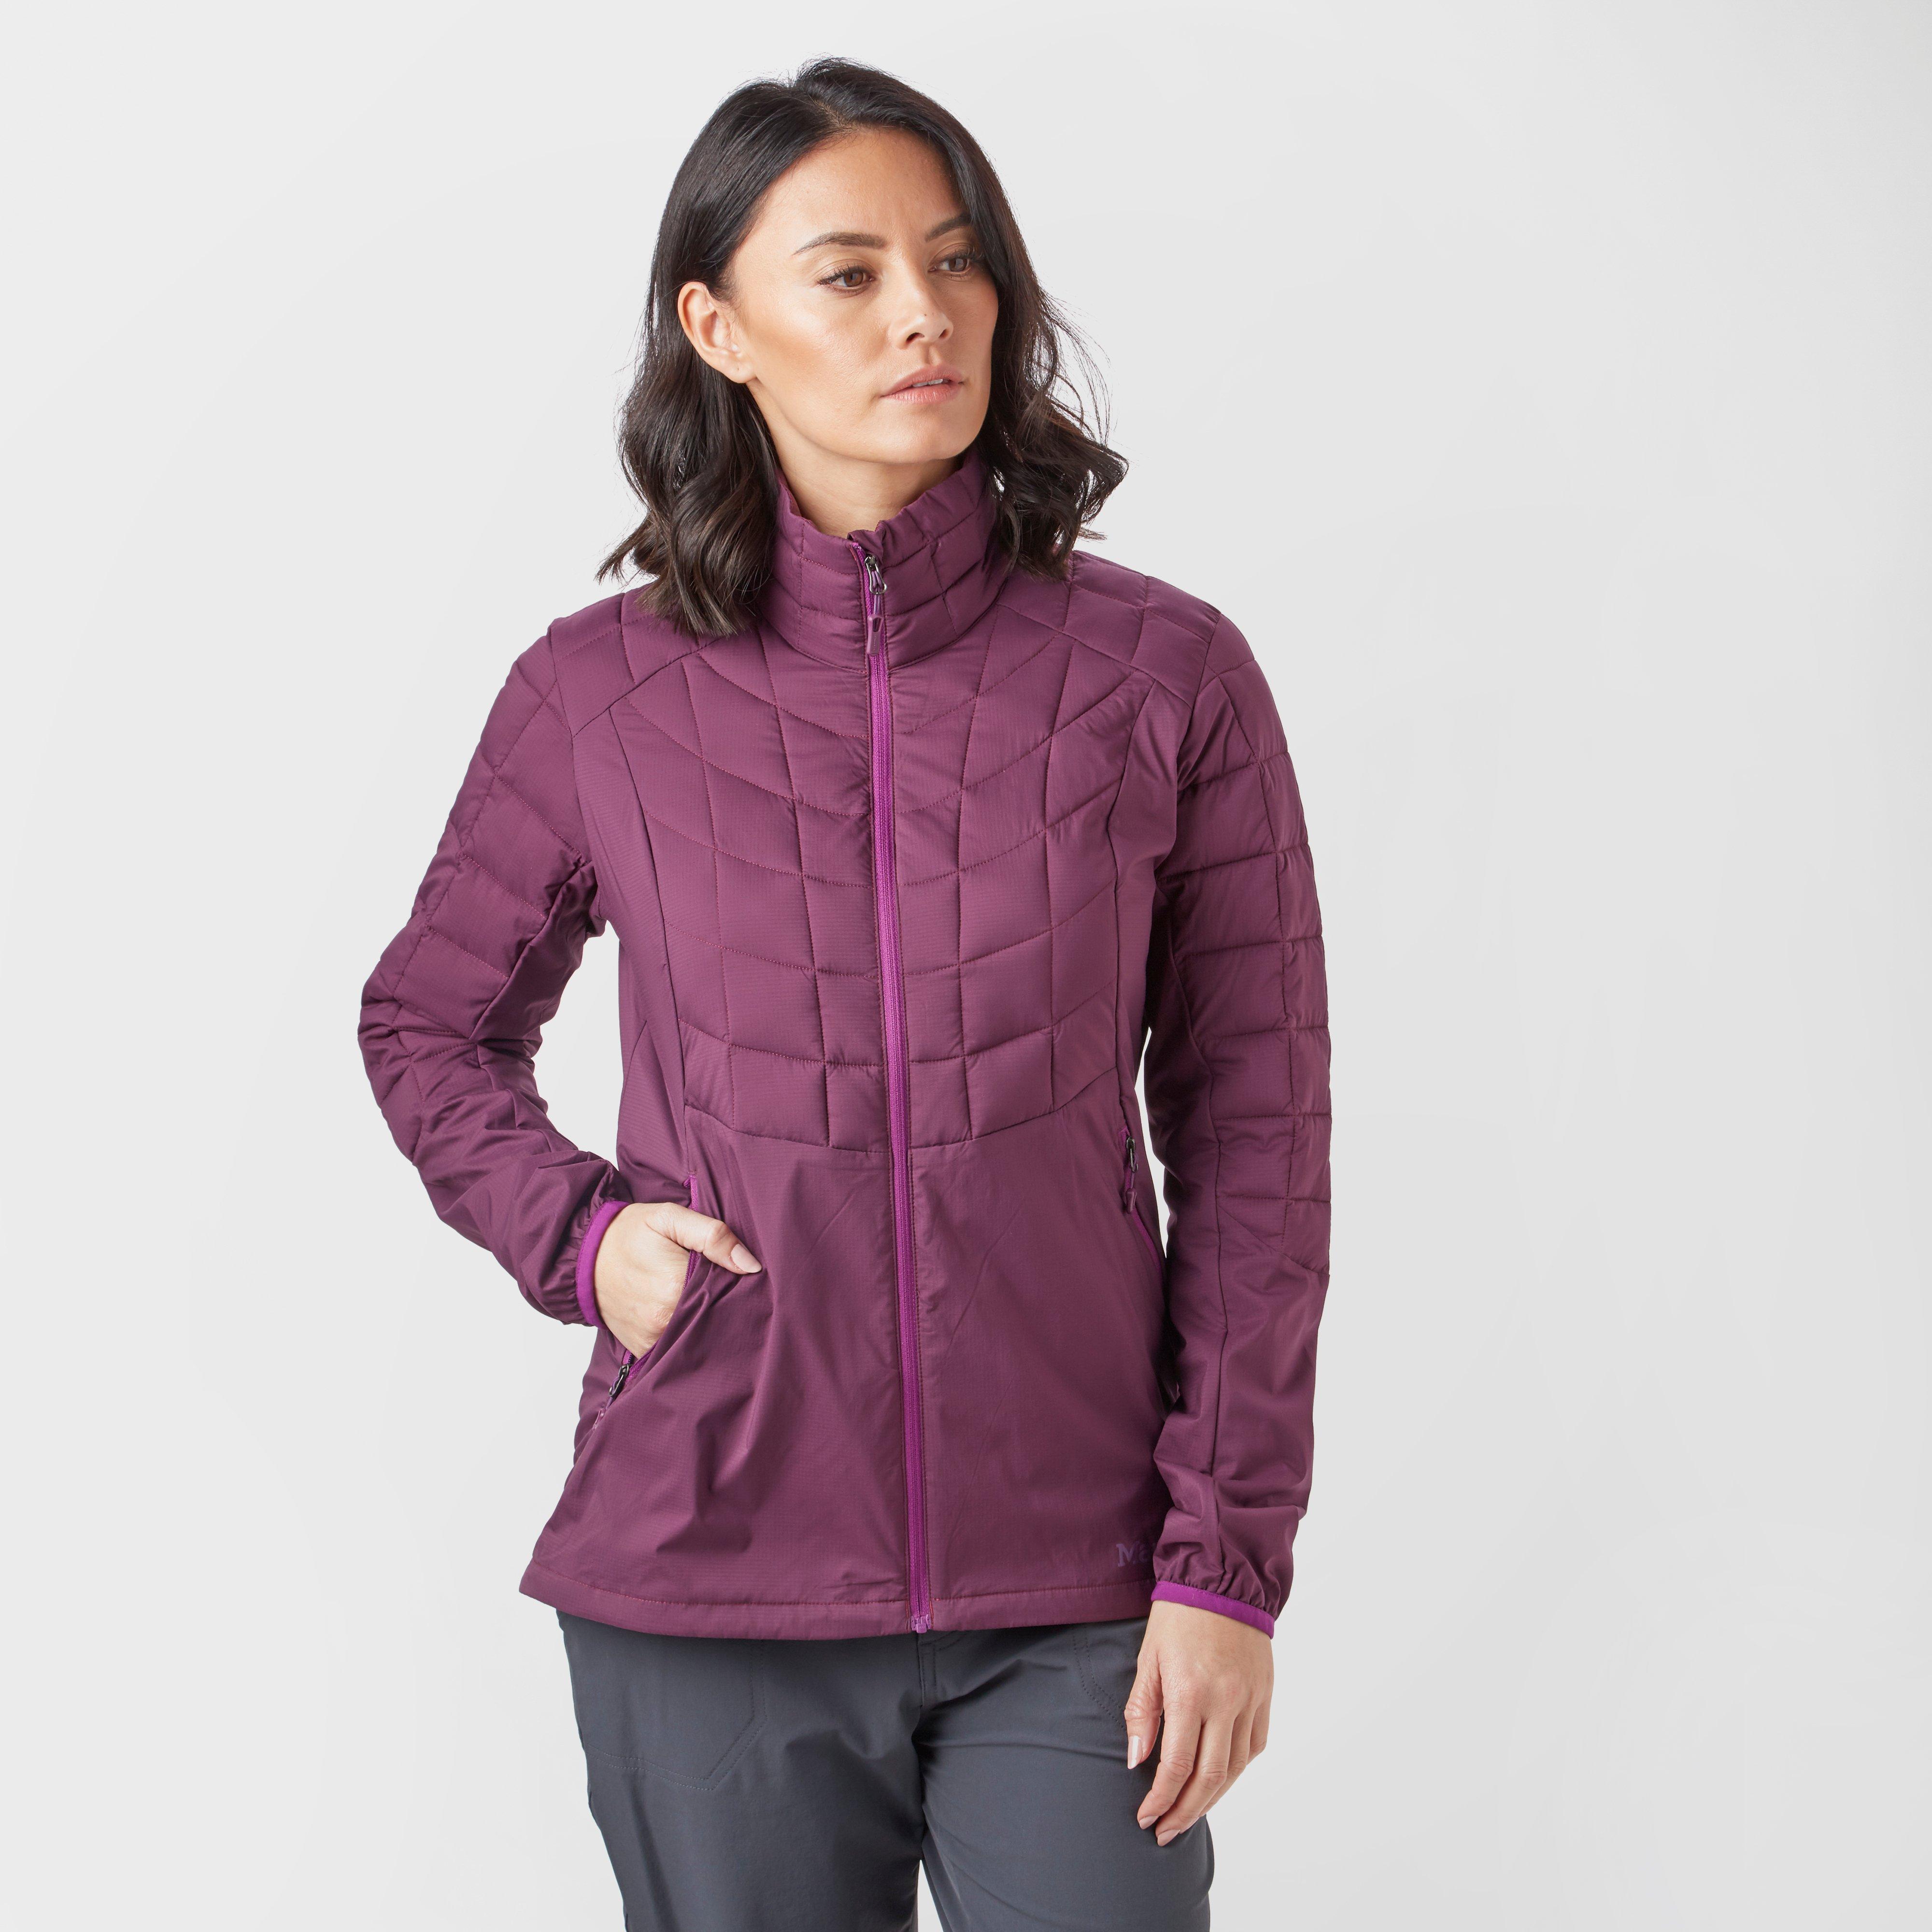 Marmot Women's Featherless Hybrid Jacket, Purple